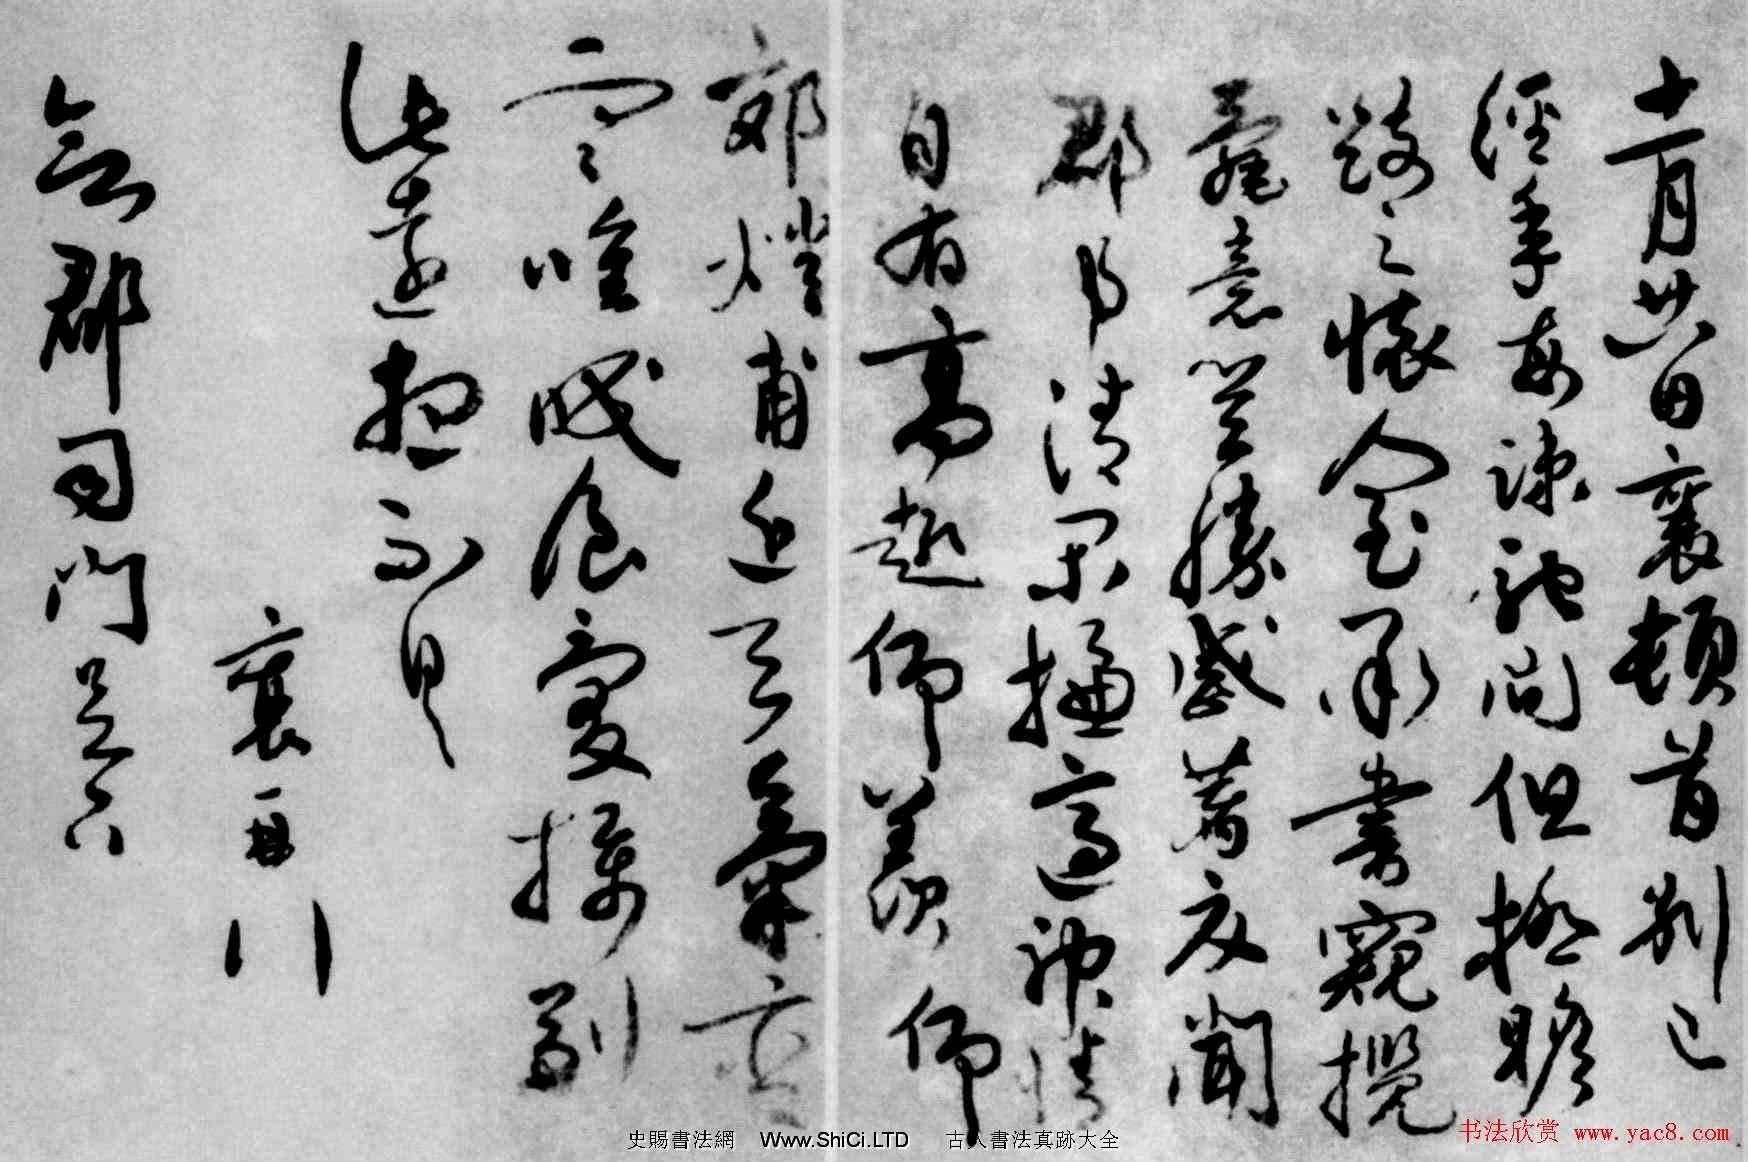 蔡襄草書尺牘真跡欣賞《郊燔帖》(共3張圖片)